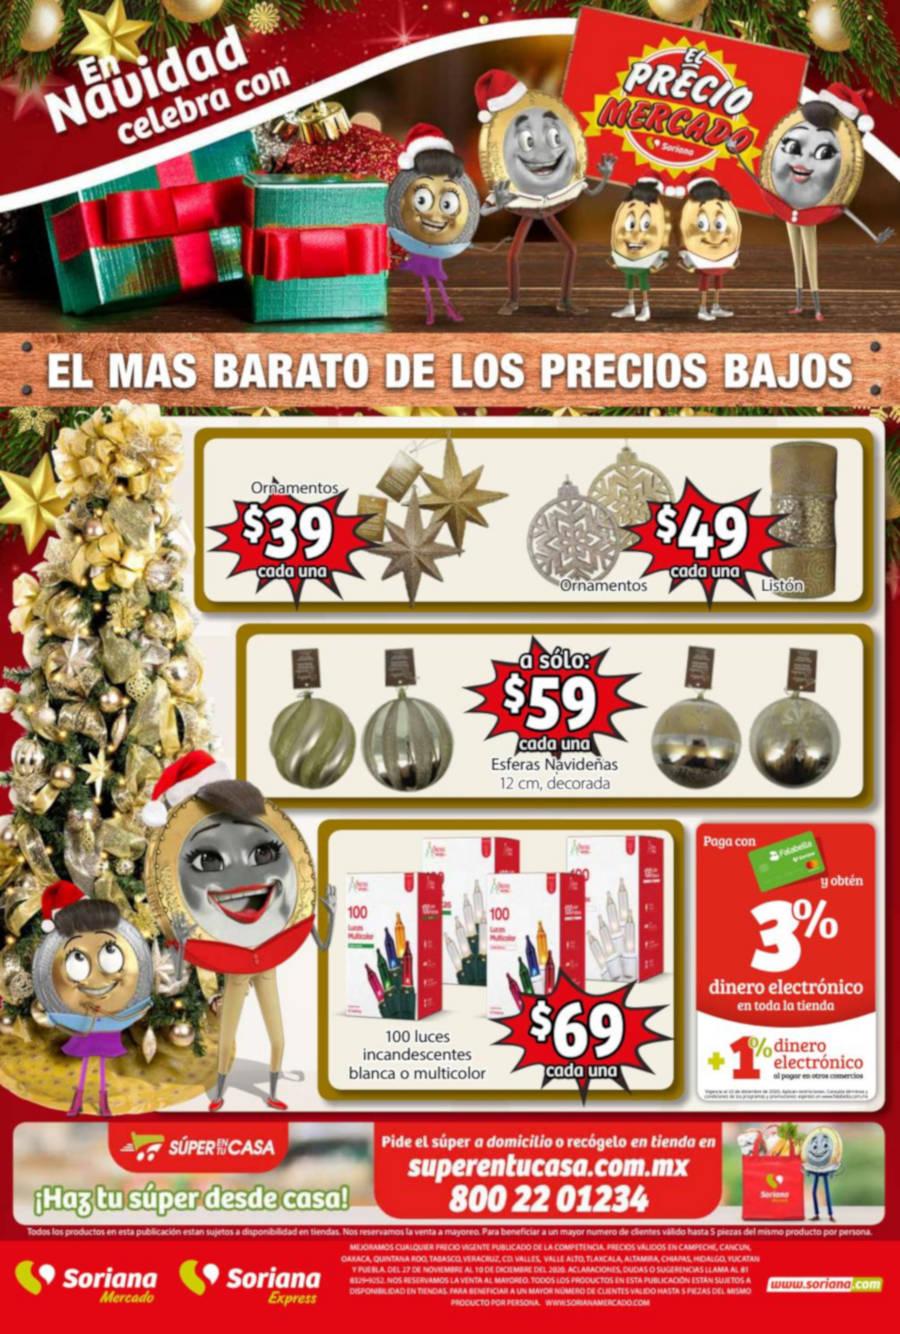 Soriana Mercado Folleto de Navidad al 18 de diciembre 2020